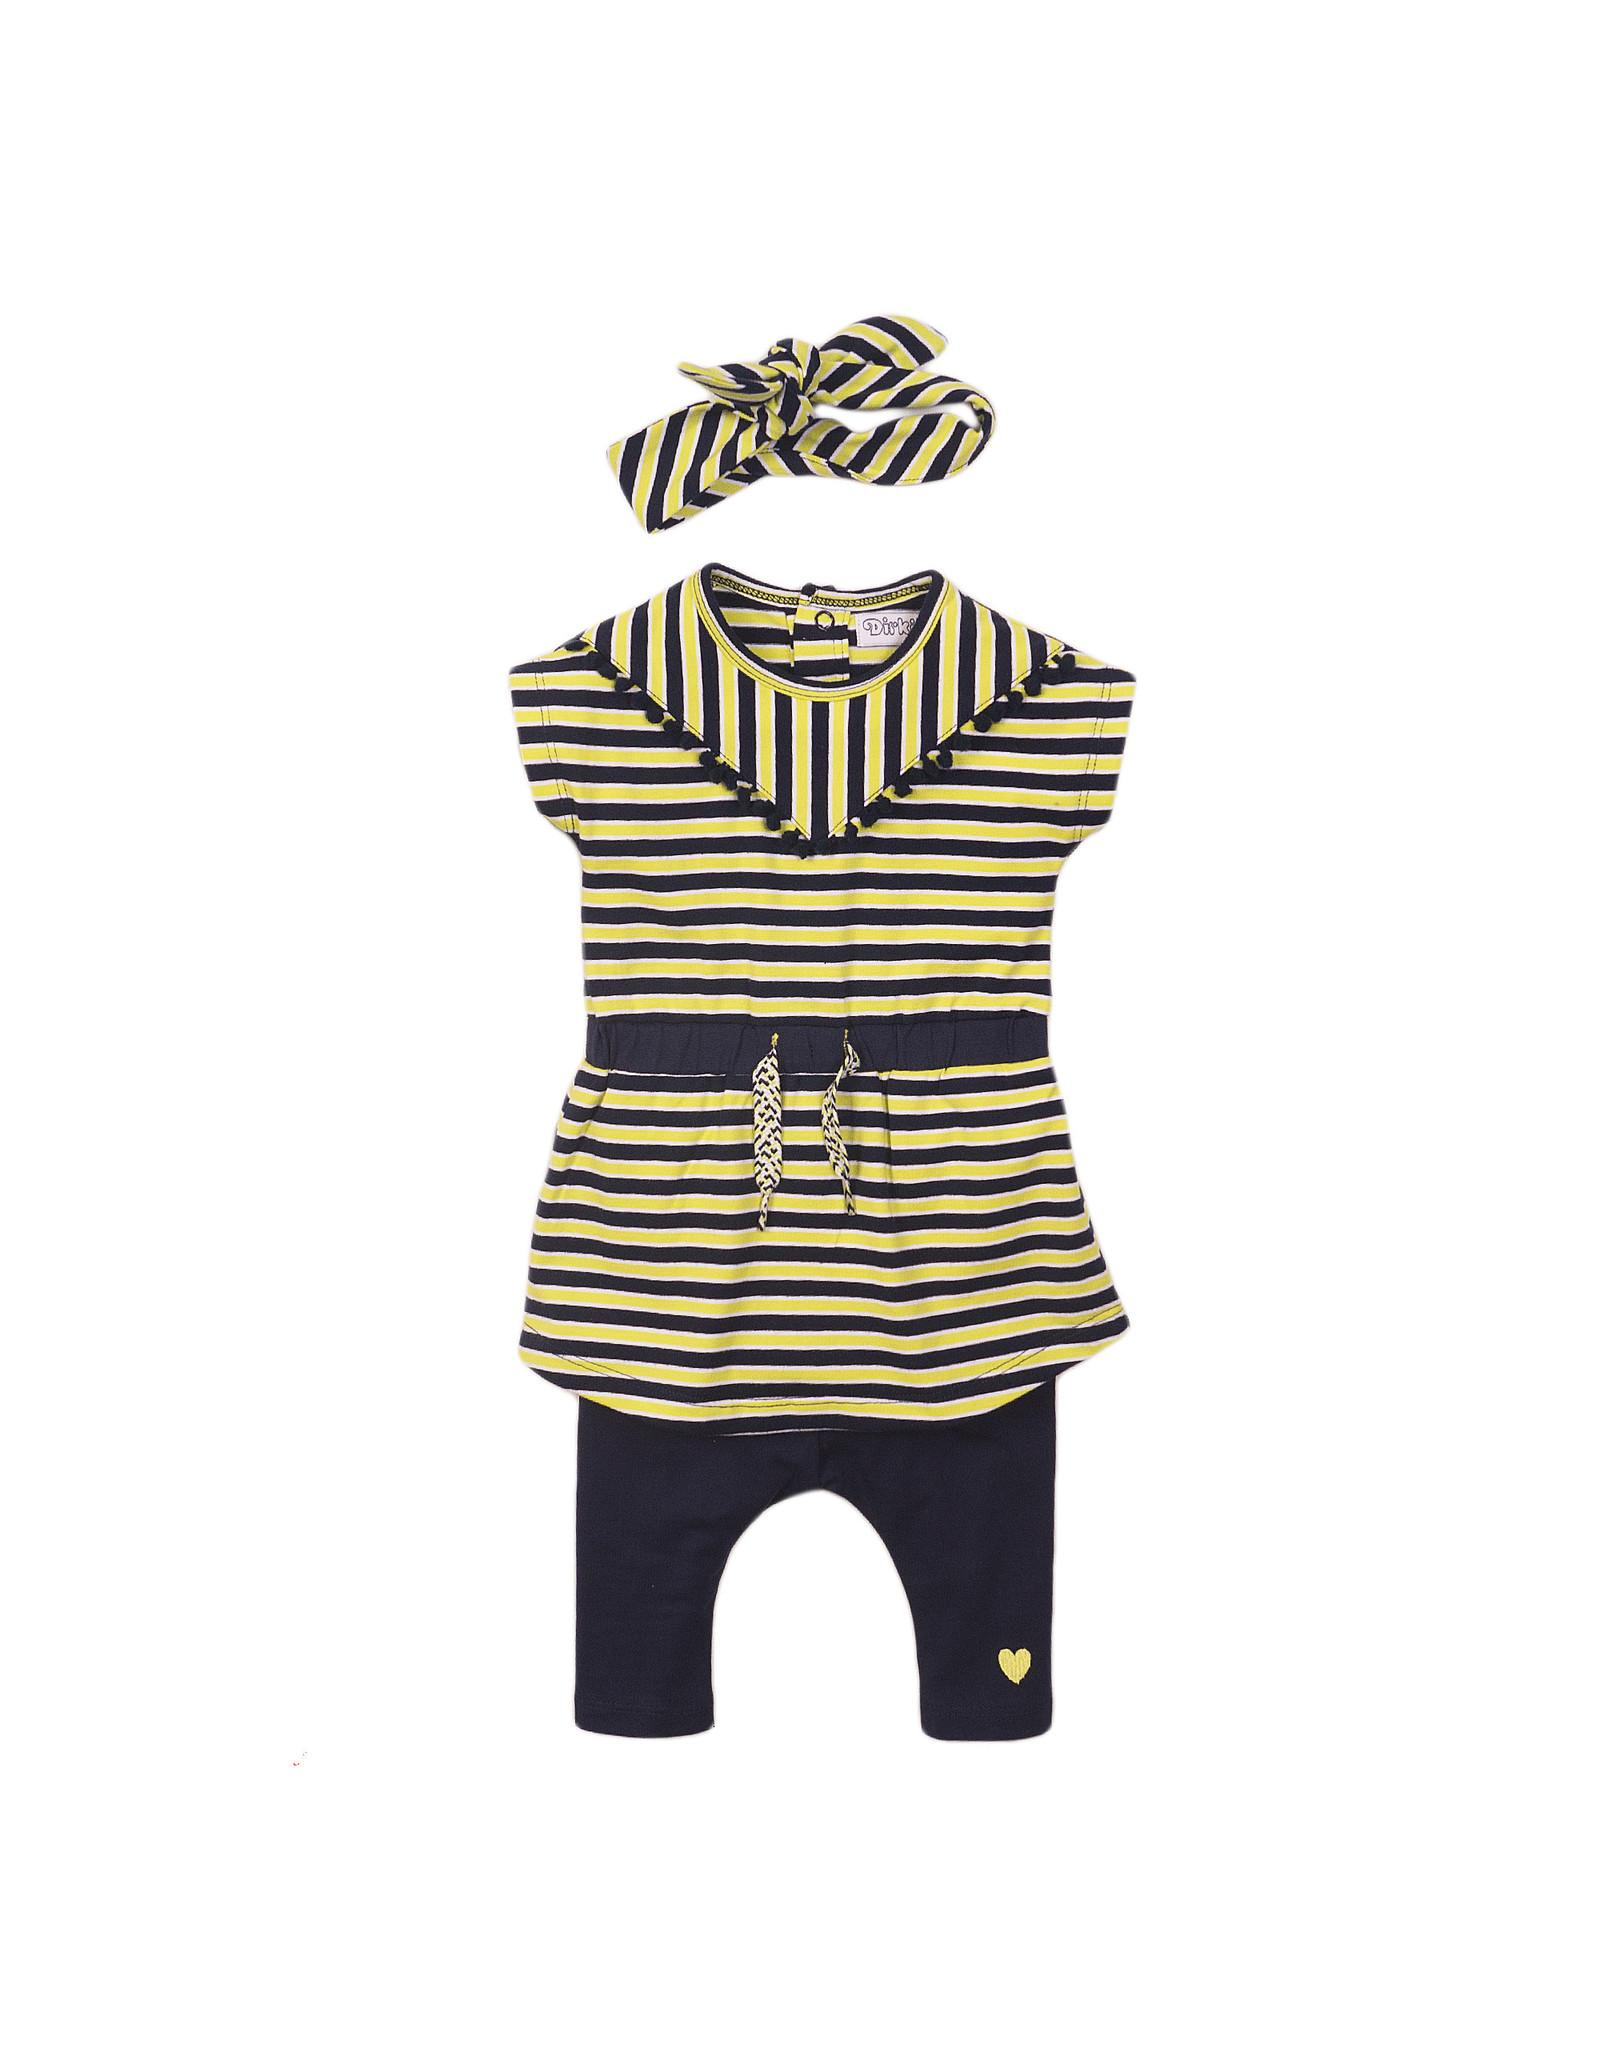 Dirkje Dirkje baby meisjes setje met haarstrik Stripe Navy Yellow